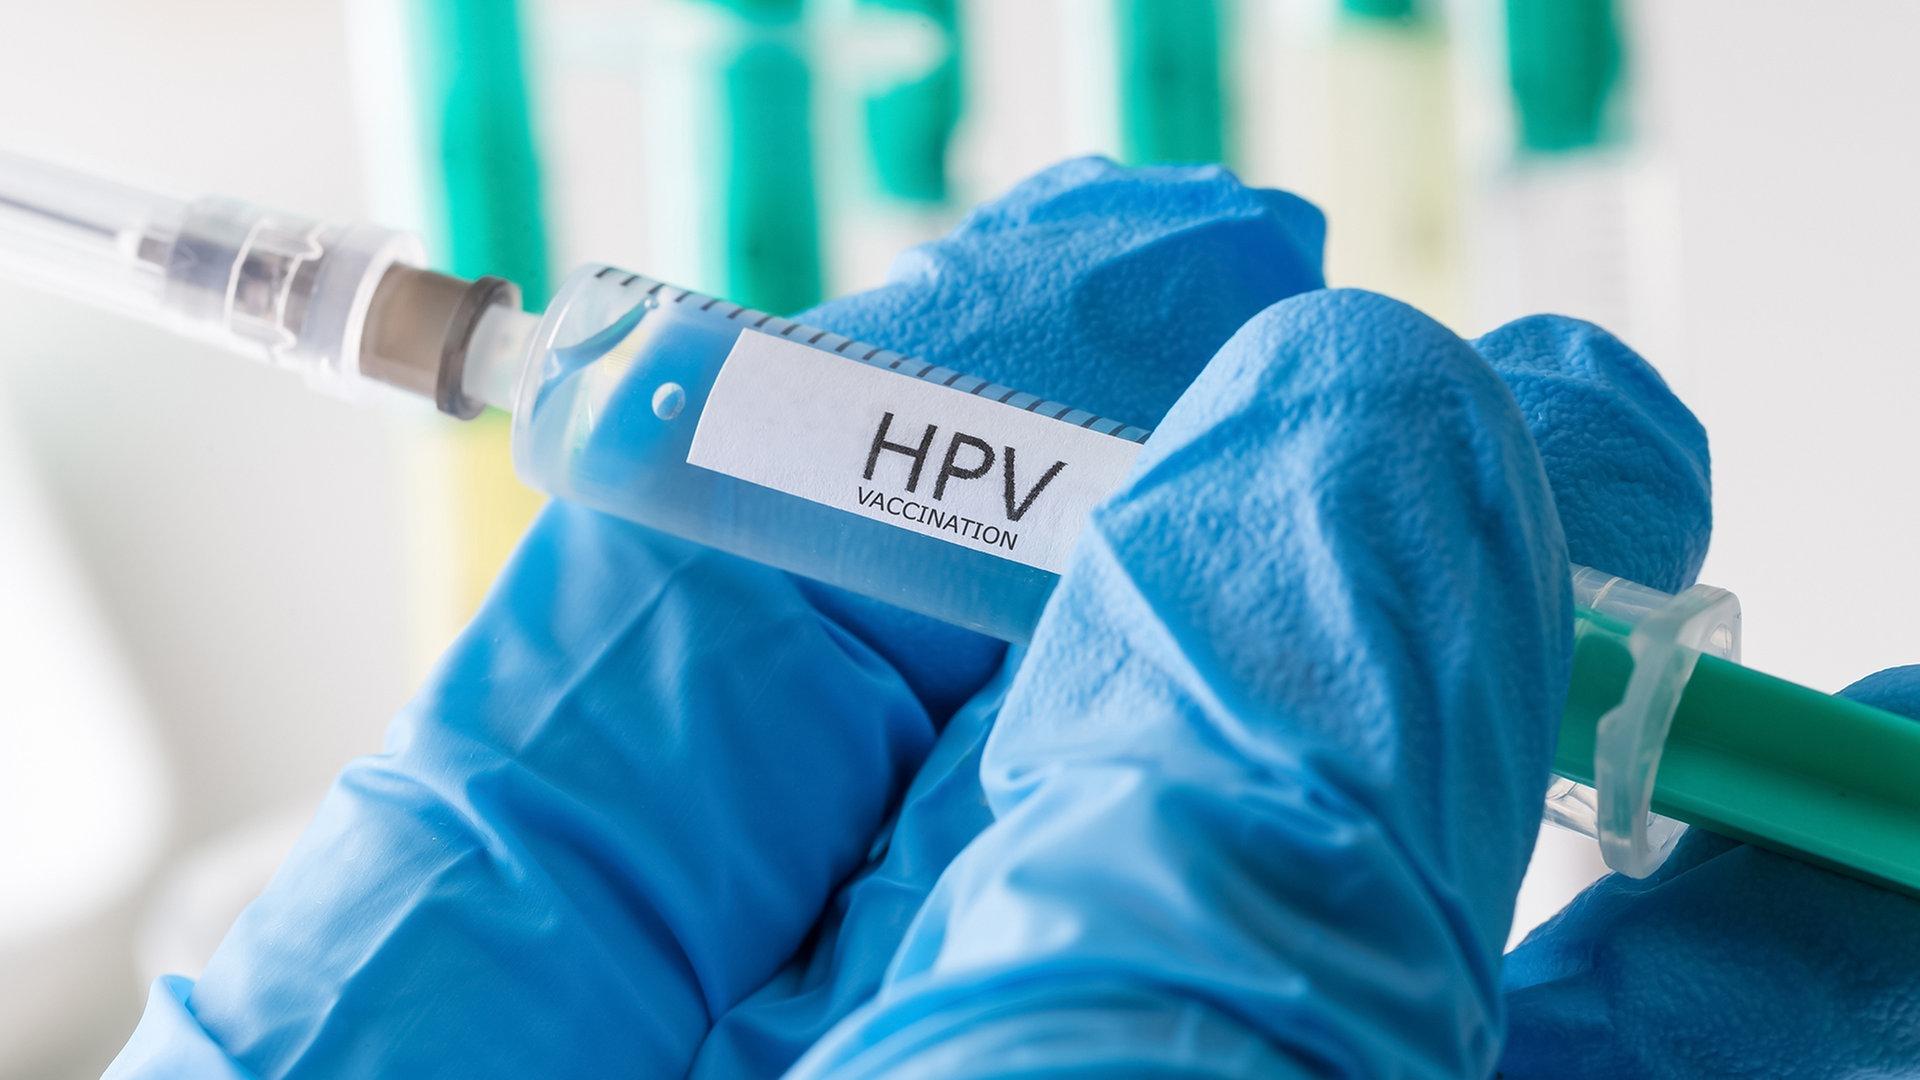 Hpv impfung fur manner. Hpv impfung kosten manner